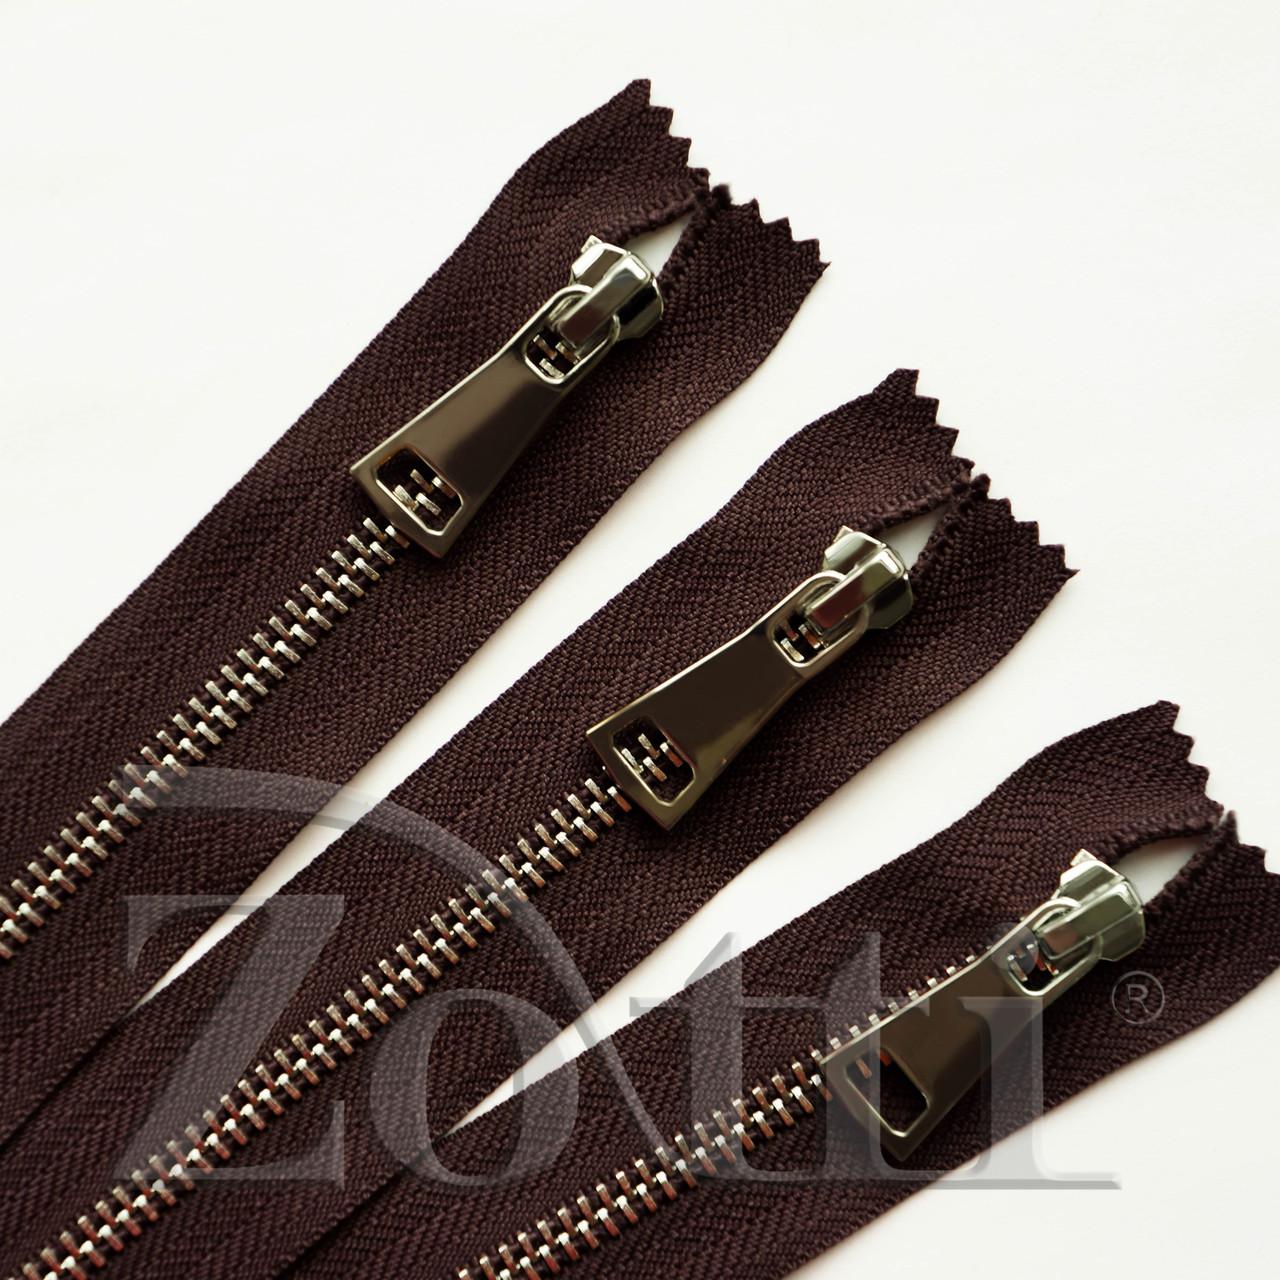 Молния (змейка,застежка) металлическая №5, размерная, обувная, коричневая, с серебряным бегунком № 115 - 11 см